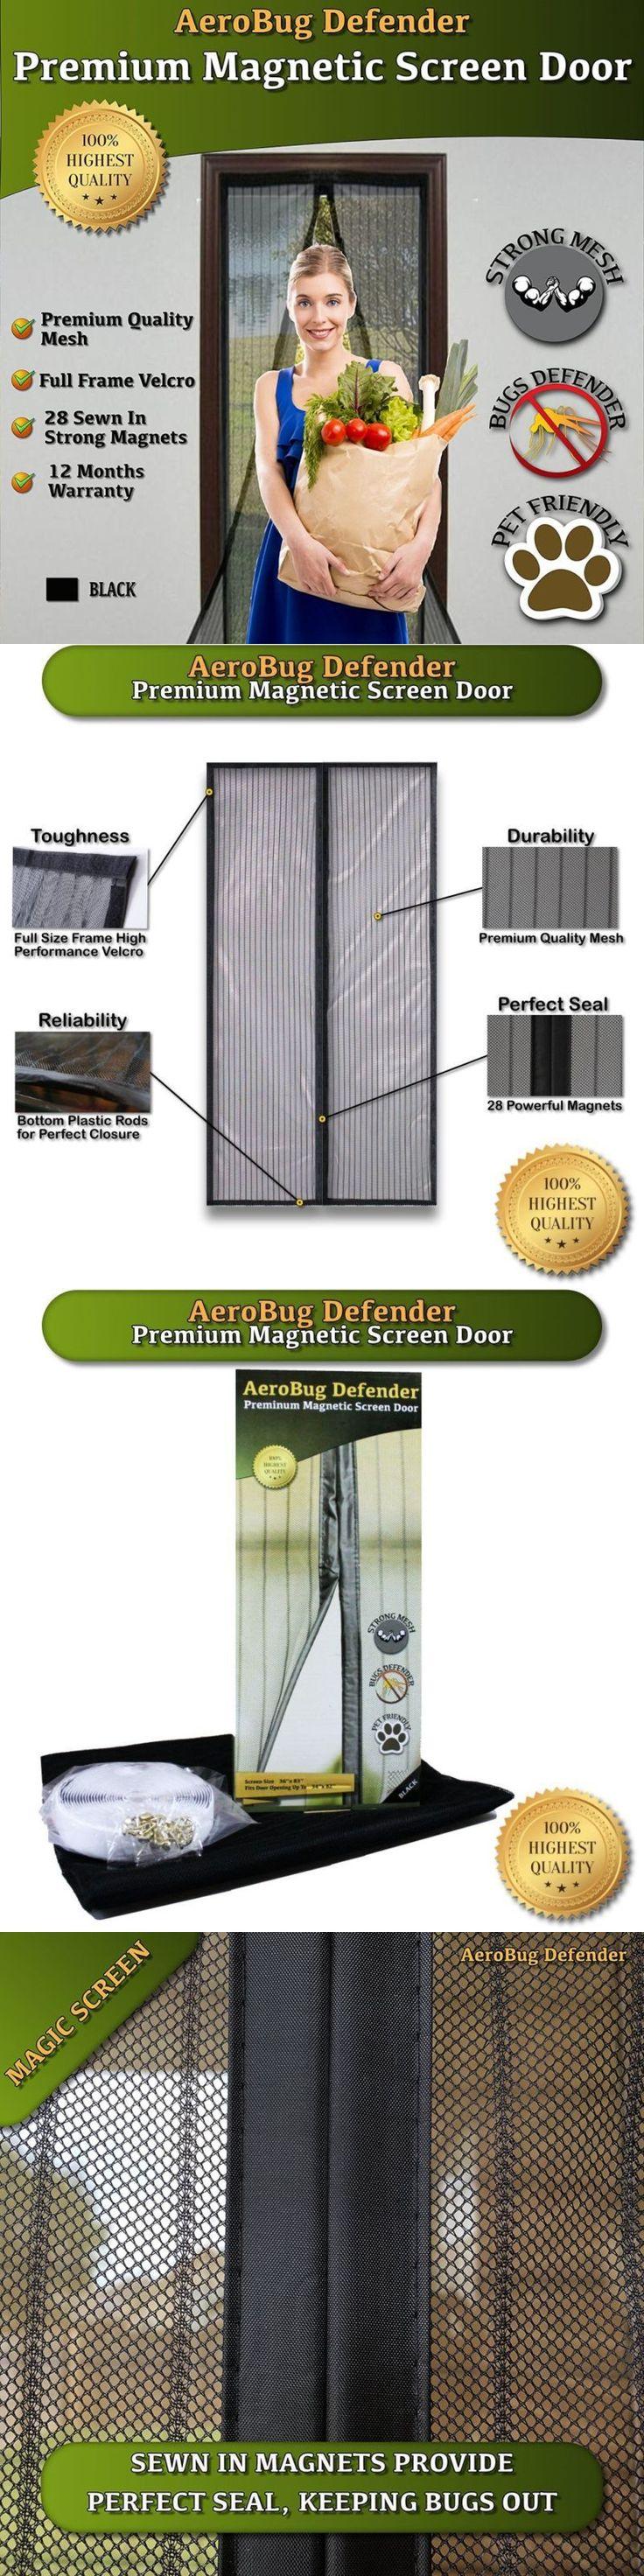 Screen Doors 180968: Magnetic Screen Door, Aerobug Defender - Heavy Duty Mesh Screen With 28 Strong M -> BUY IT NOW ONLY: $61.52 on eBay!